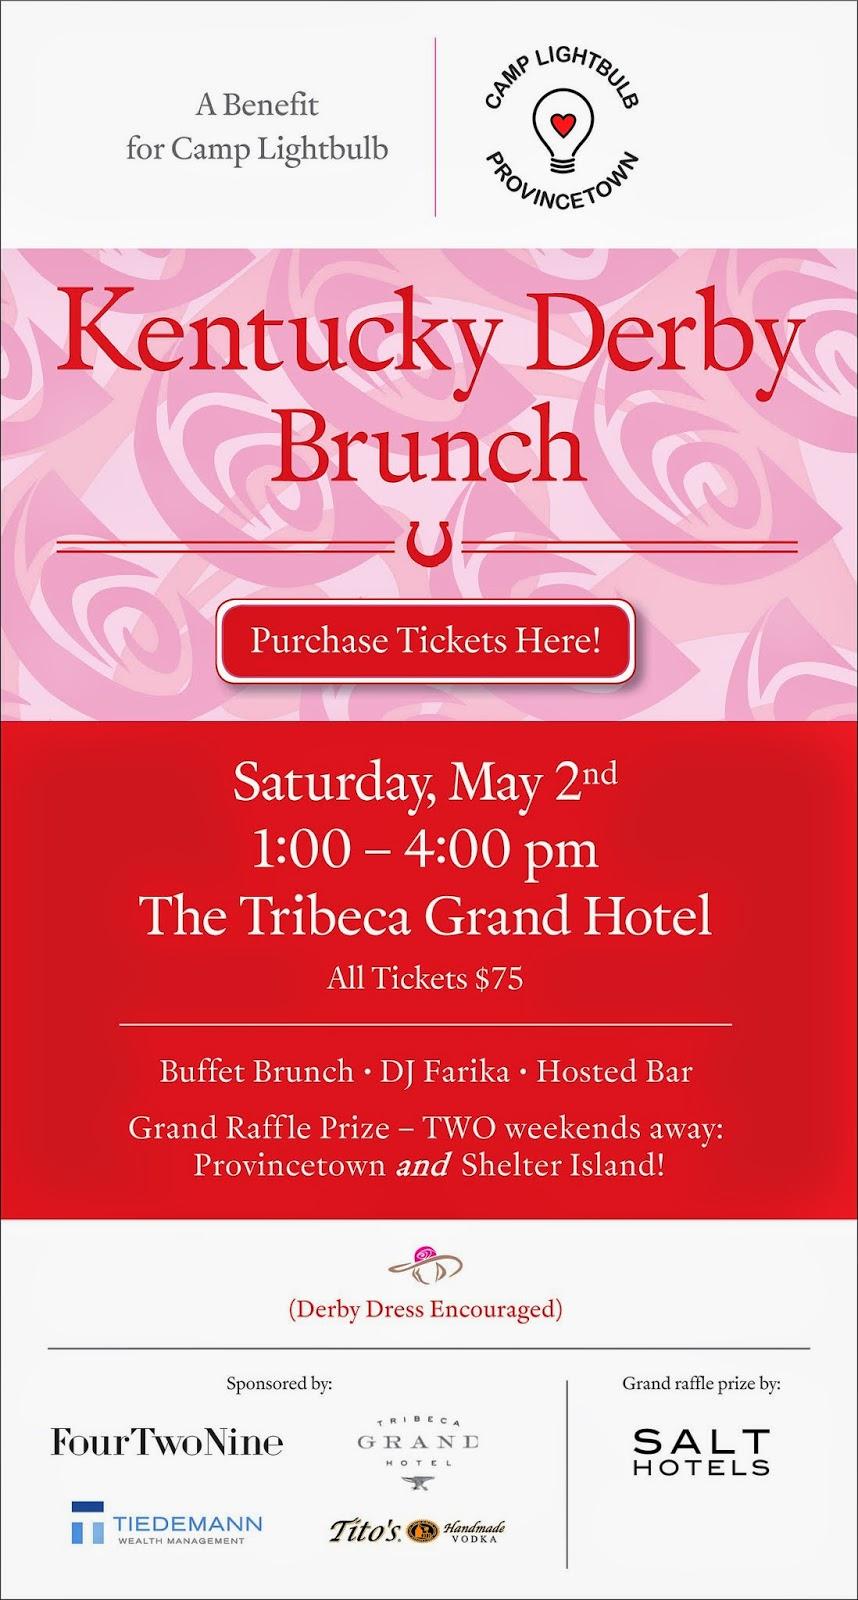 https://www.eventbrite.com/e/kentucky-derby-brunch-a-benefit-for-camp-lightbulb-tribeca-grand-hotel-tickets-16342854919